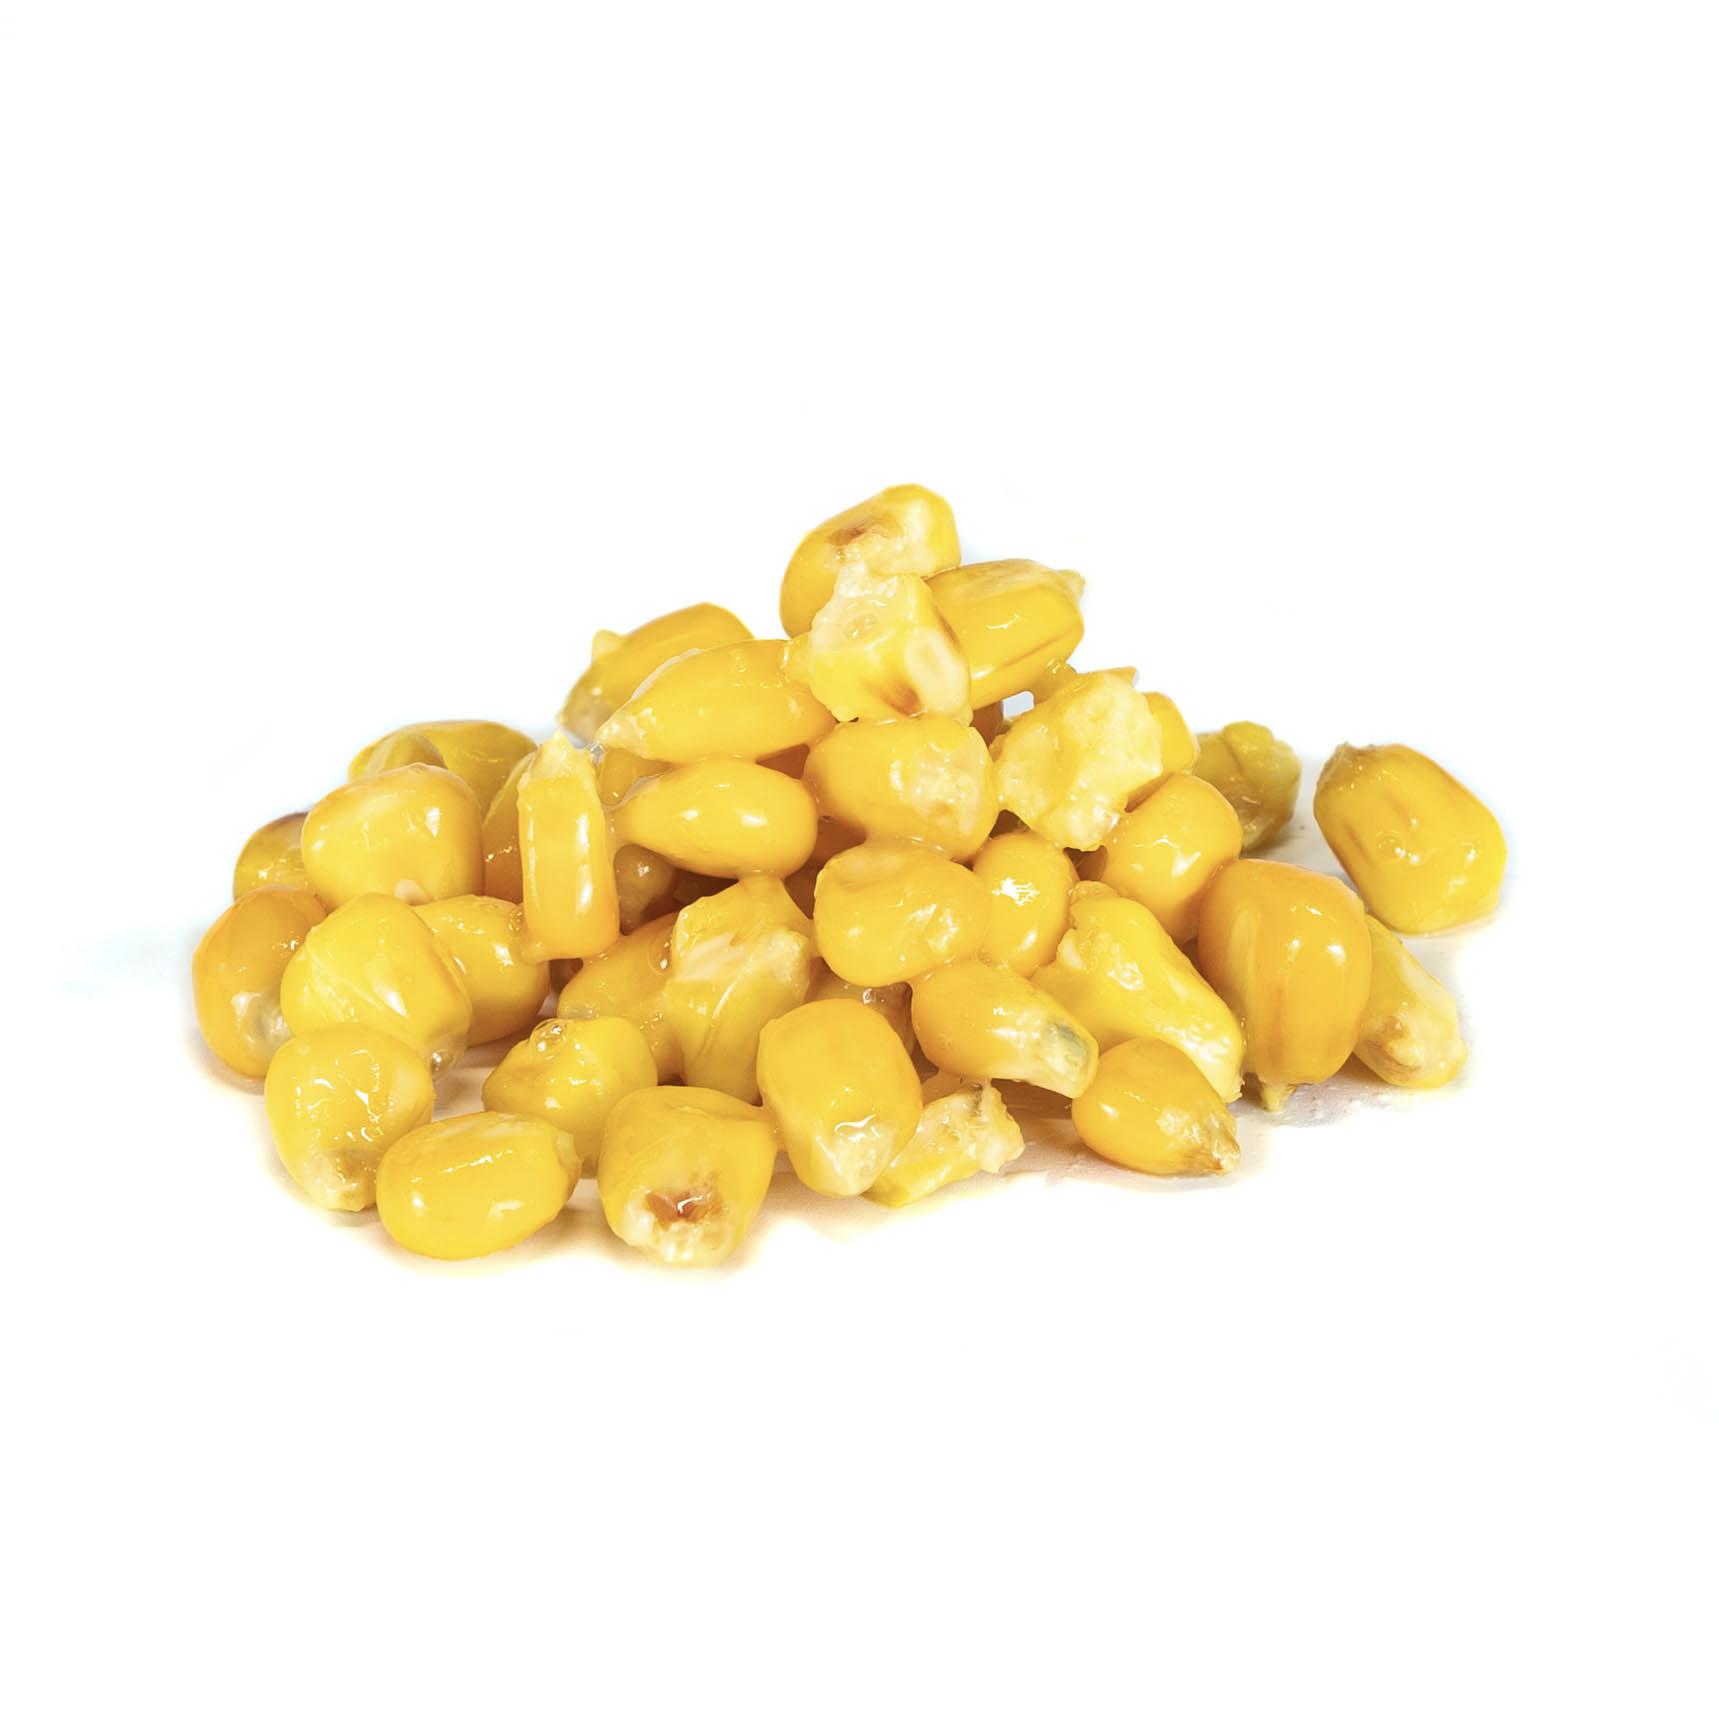 Nakládaný partikl 1kg - Kukuřice Pikantní švestka